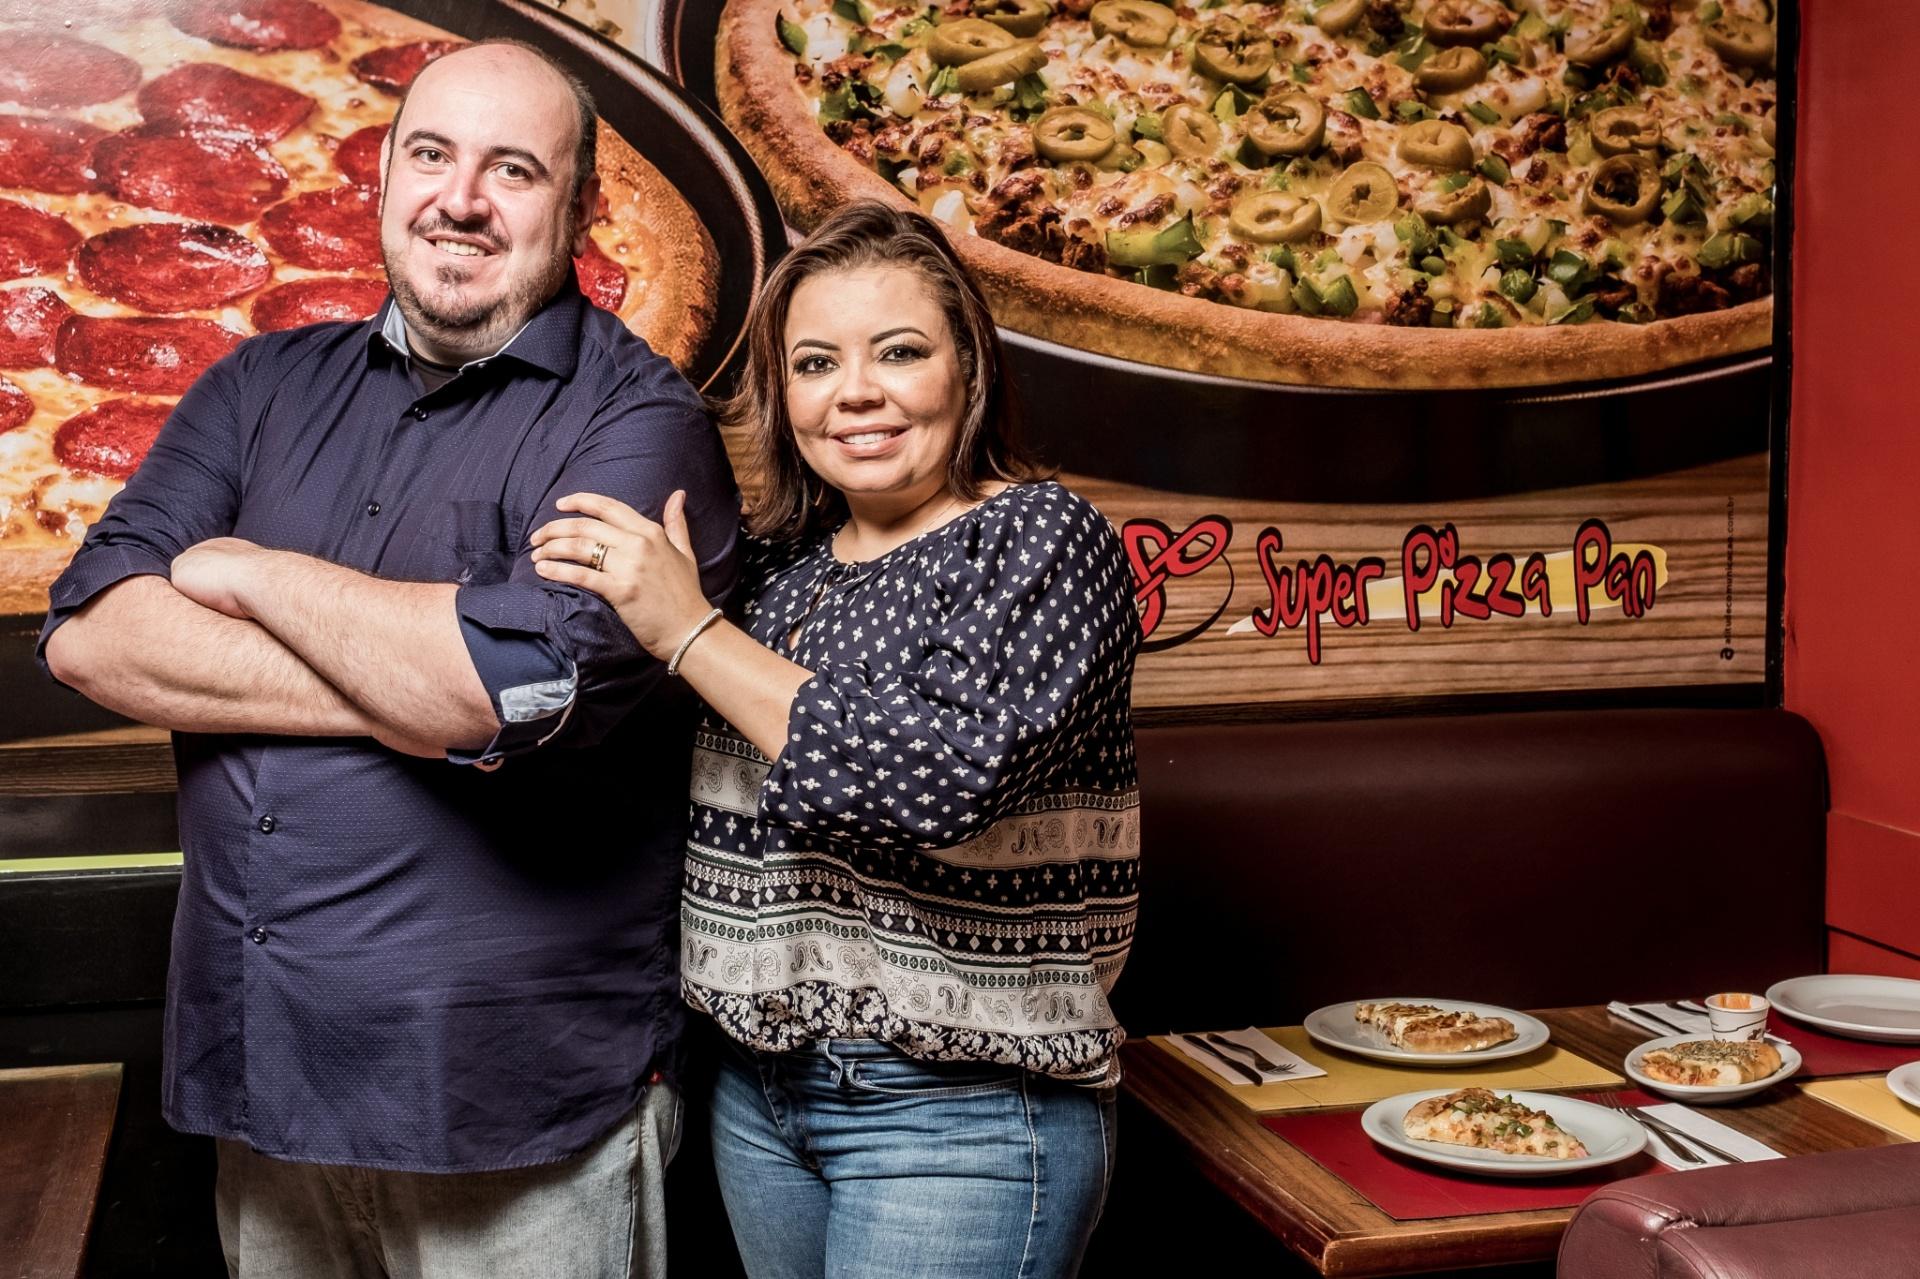 Comecou Fazendo Pizza Em Casa E Entregando A Pe Hoje Fatura R 22 6 Mi 27 12 2017 Uol Economia